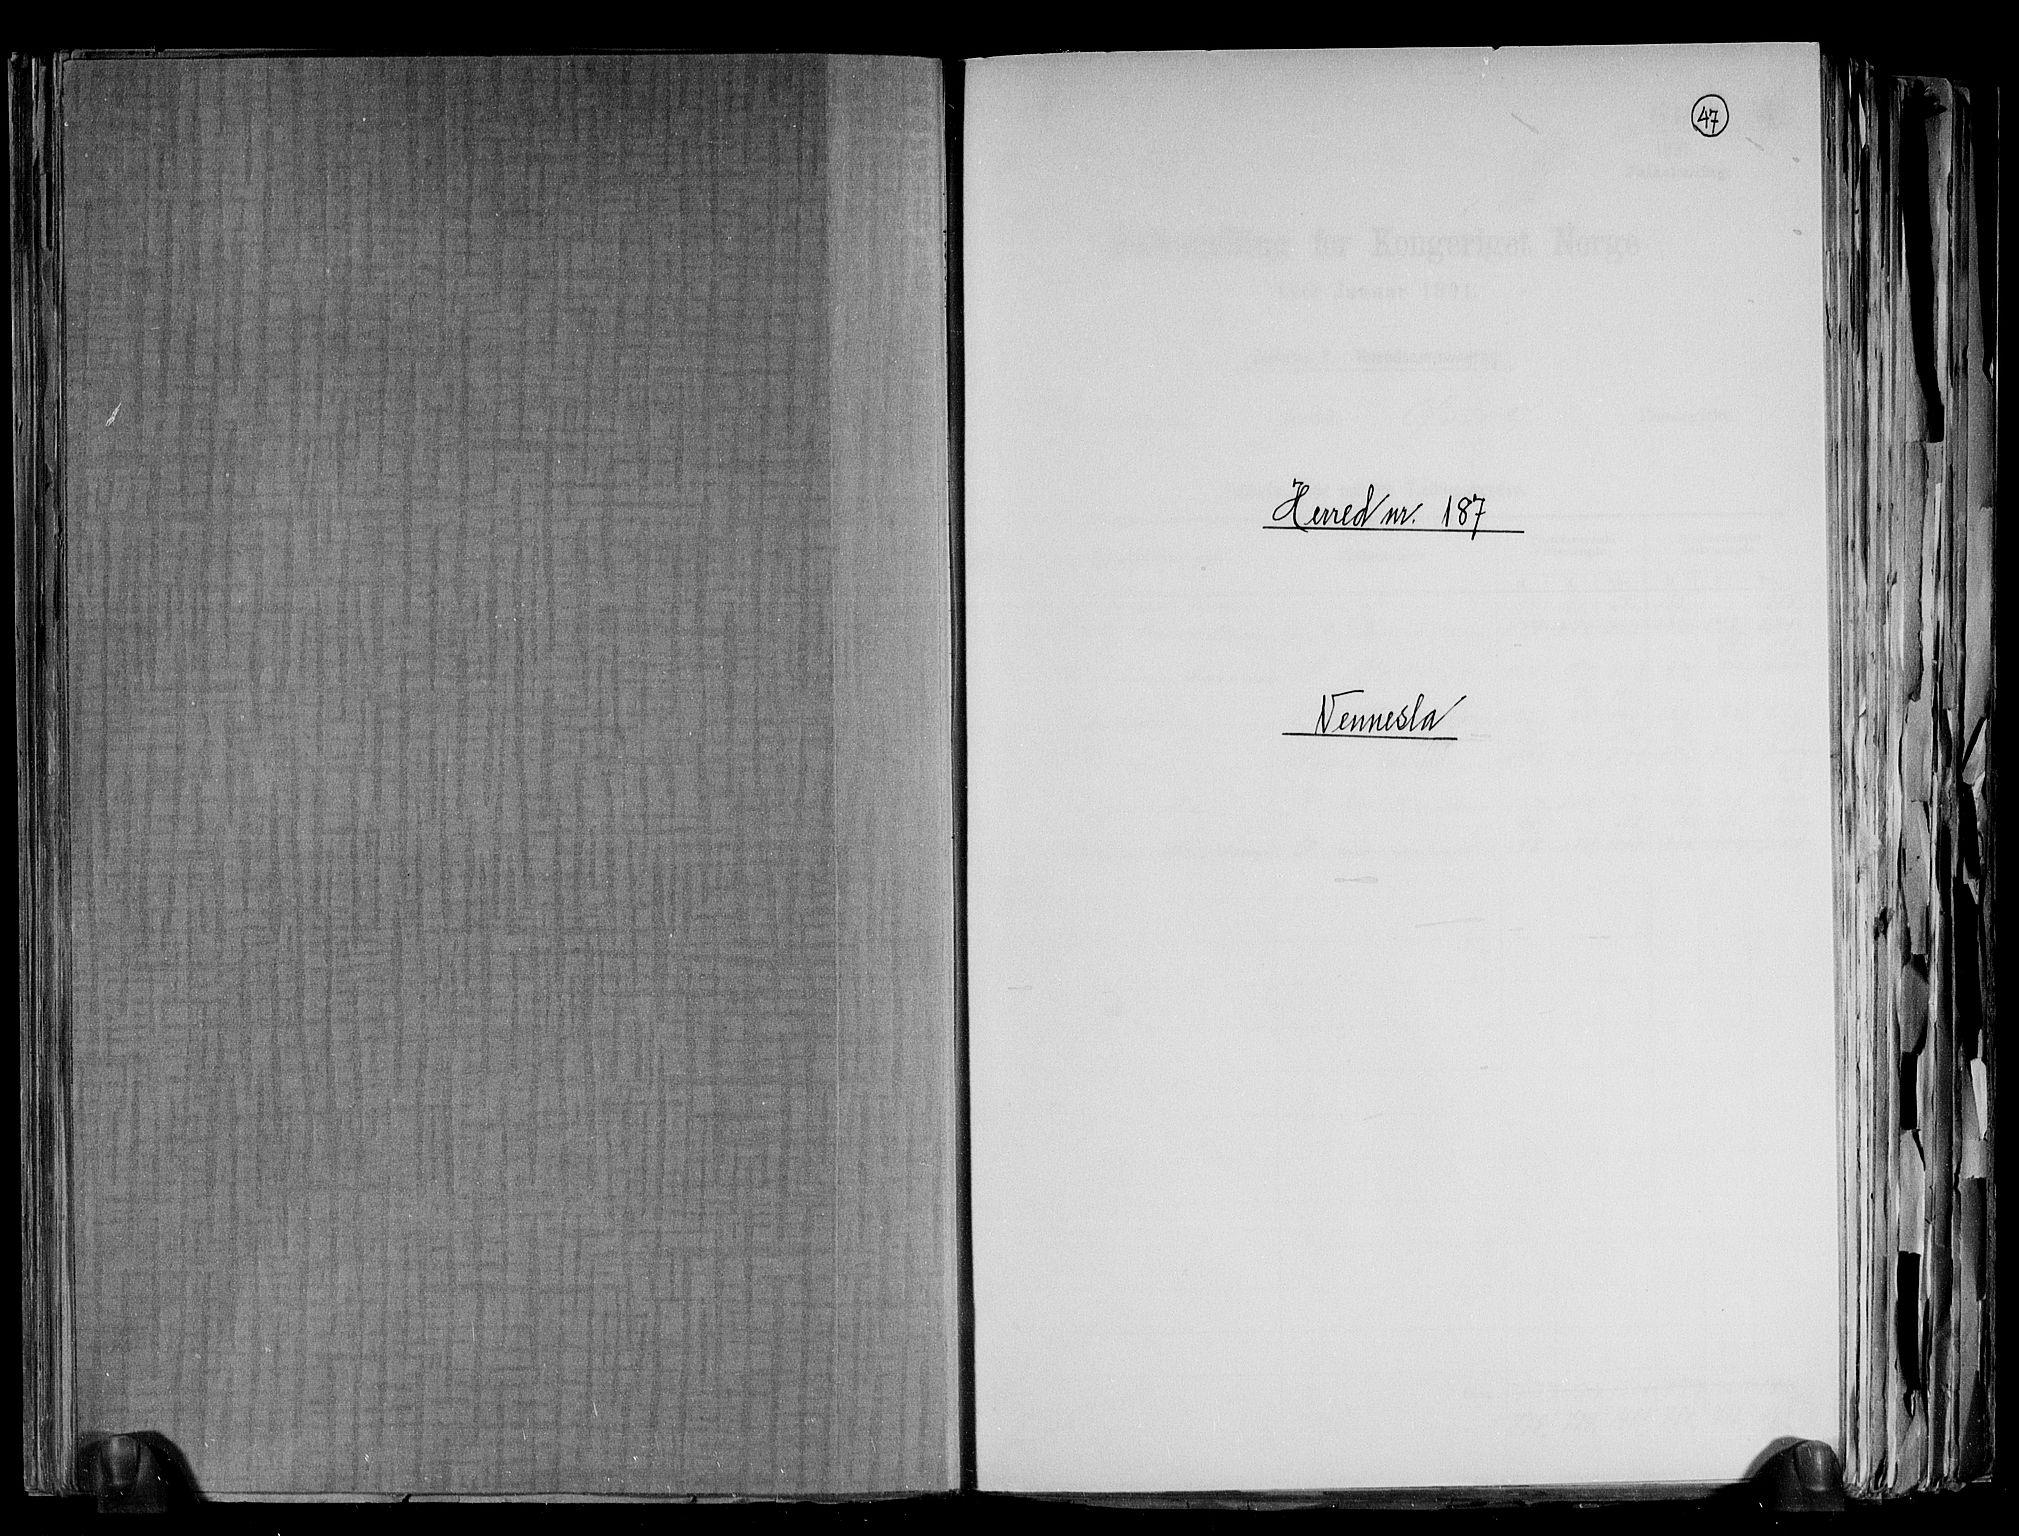 RA, Folketelling 1891 for 1014 Vennesla herred, 1891, s. 1